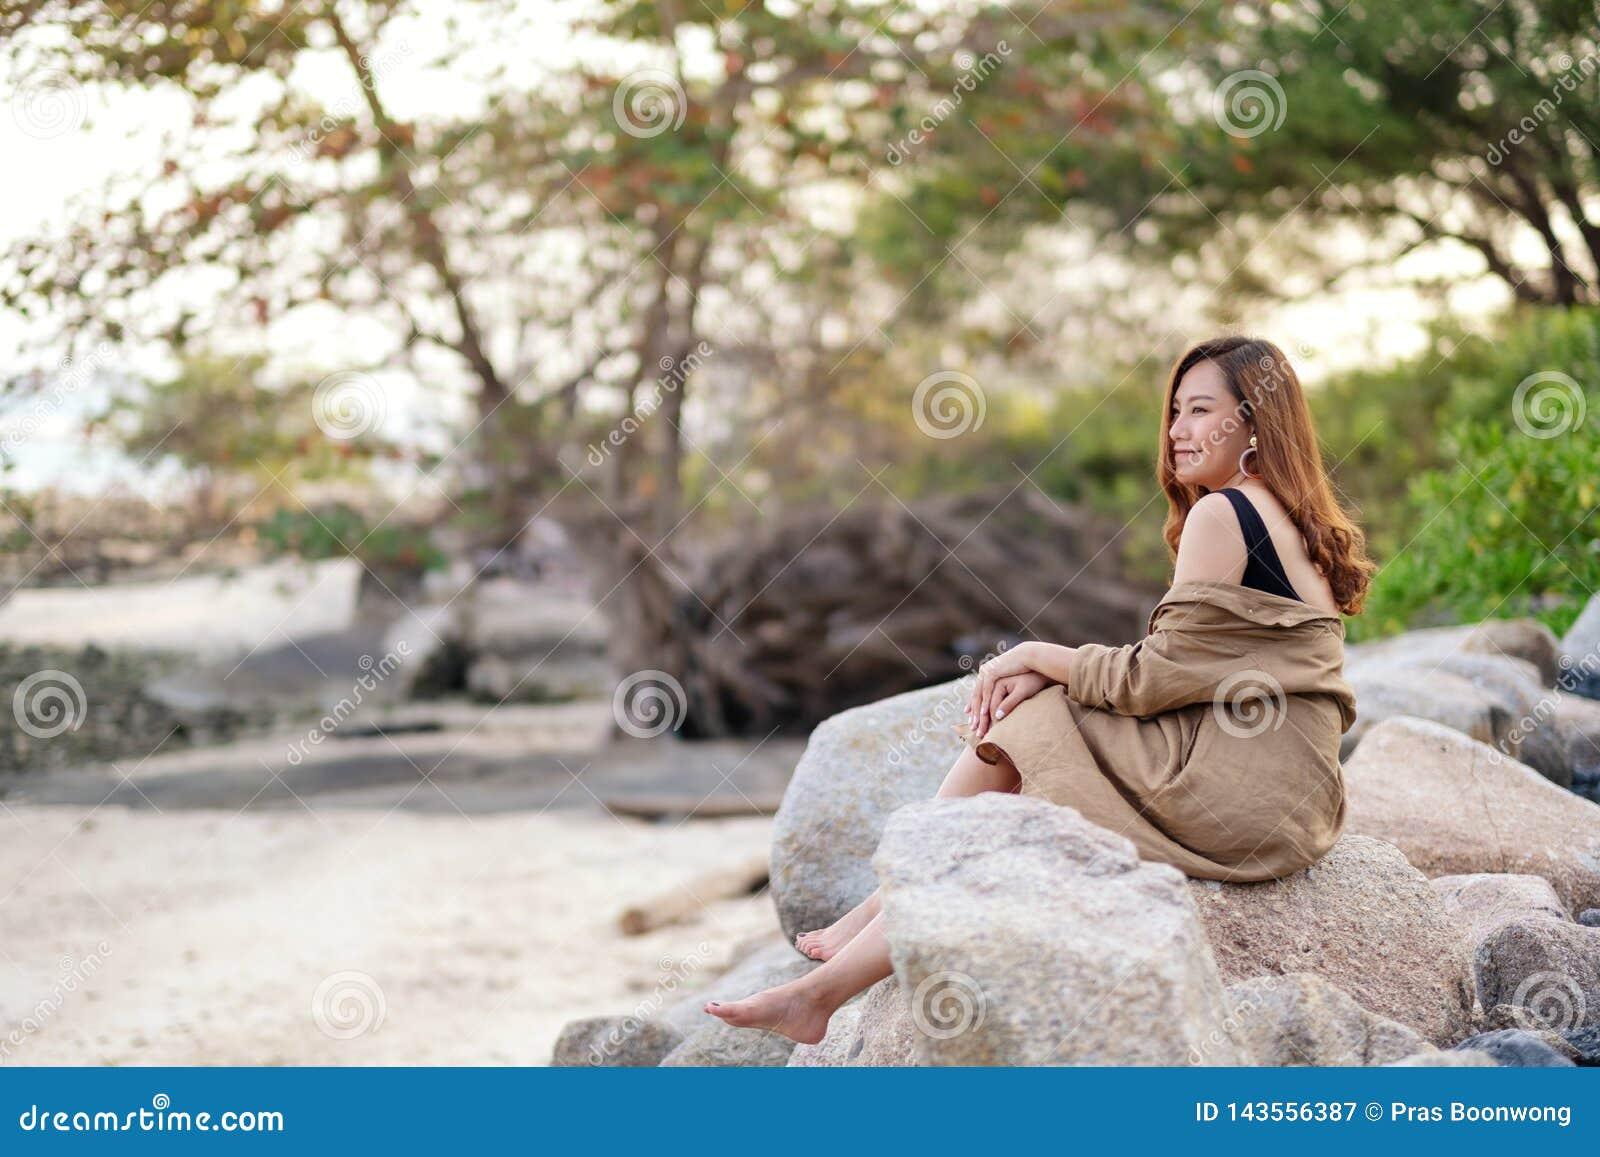 Η όμορφη ασιατική γυναίκα απολαμβάνει στο βράχο από την ακτή